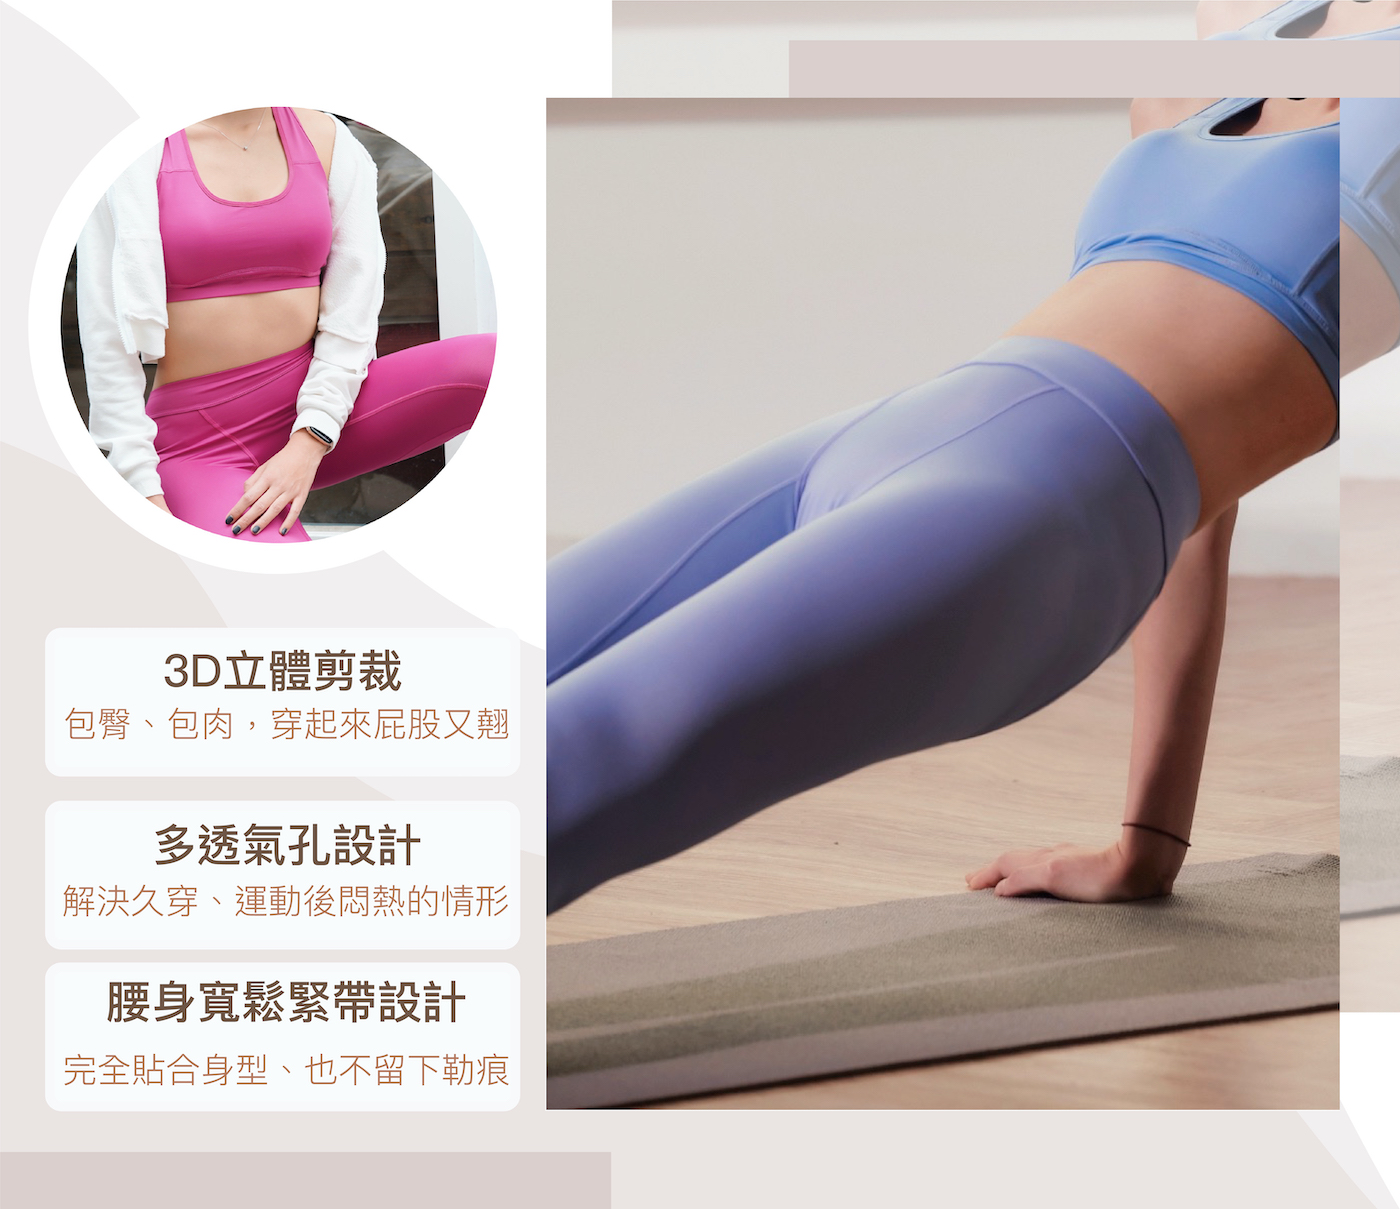 台灣布料、耐洗滌、不易皺、3D立體剪裁設計,包臀且顯腿長